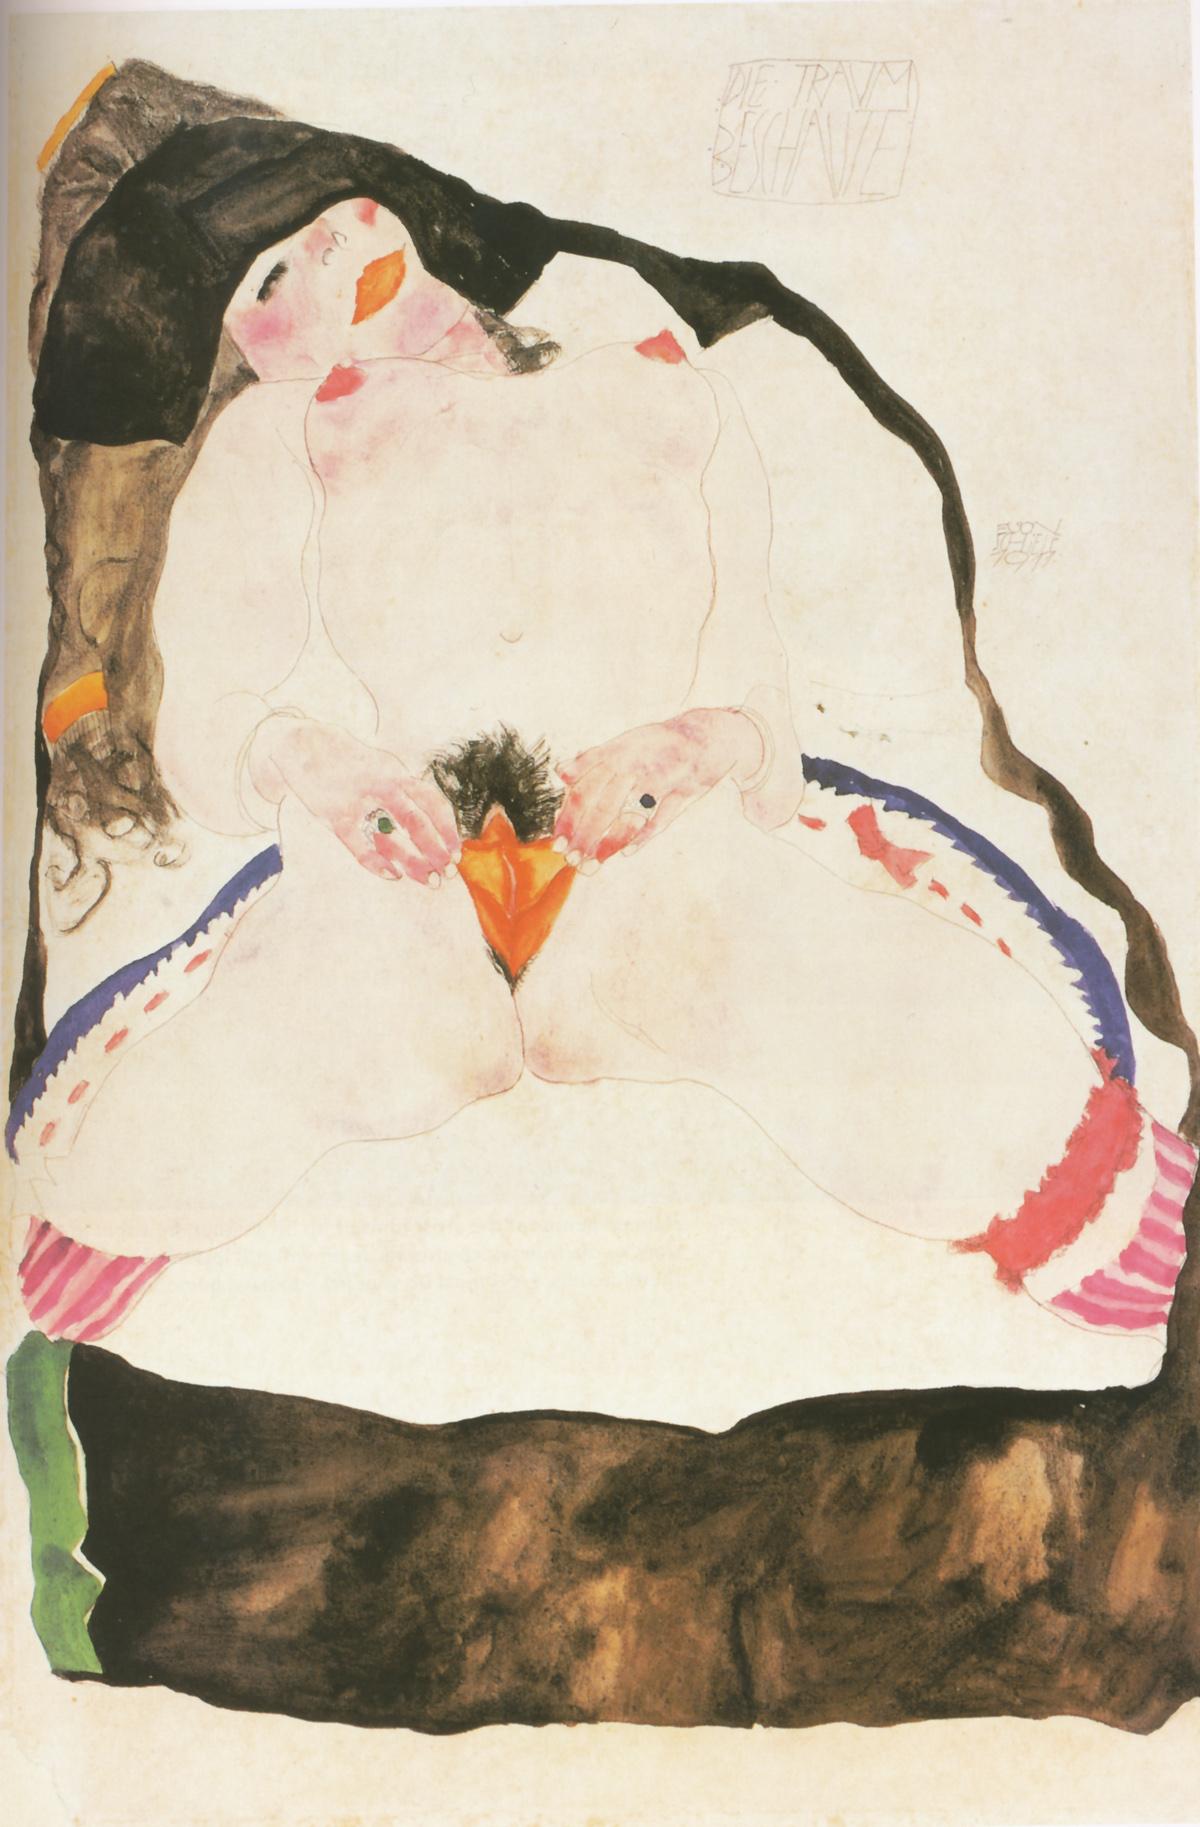 'Vista en un sueño' (1911)